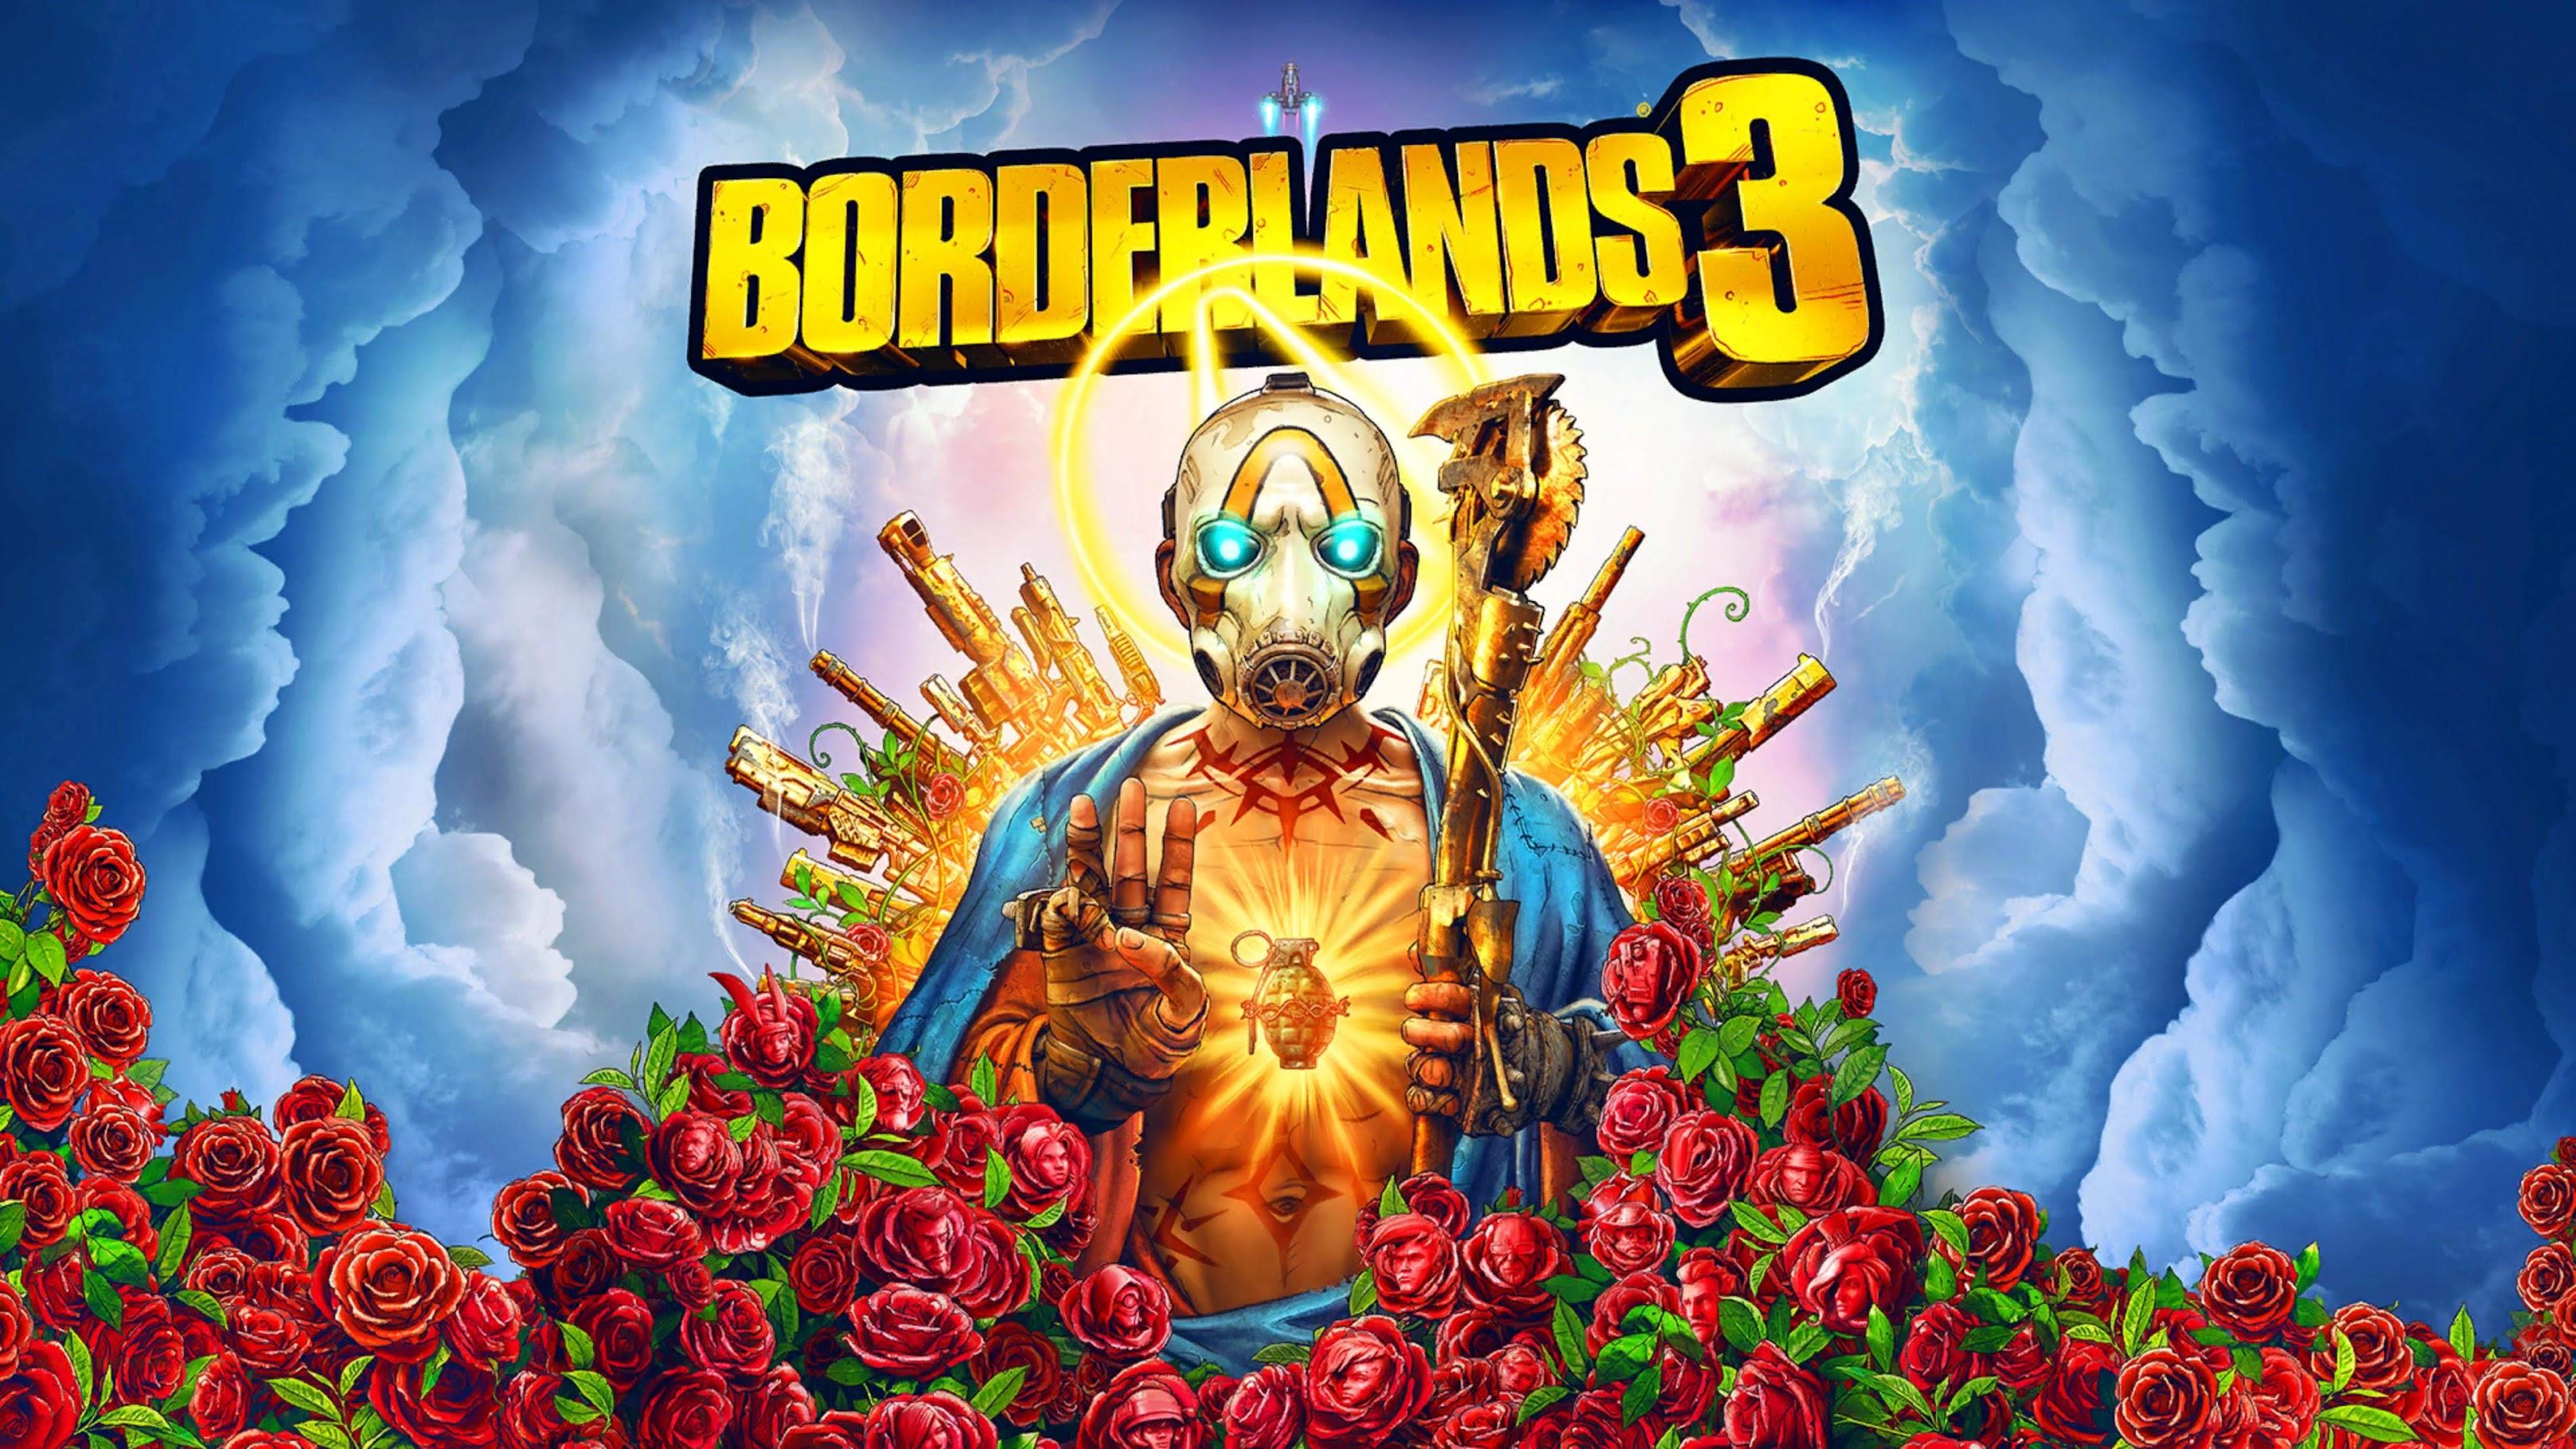 PS4 - Borderlands 3 その27 ポイポイ装備で殺戮サークル & 初めてのテイクダウン←惨敗